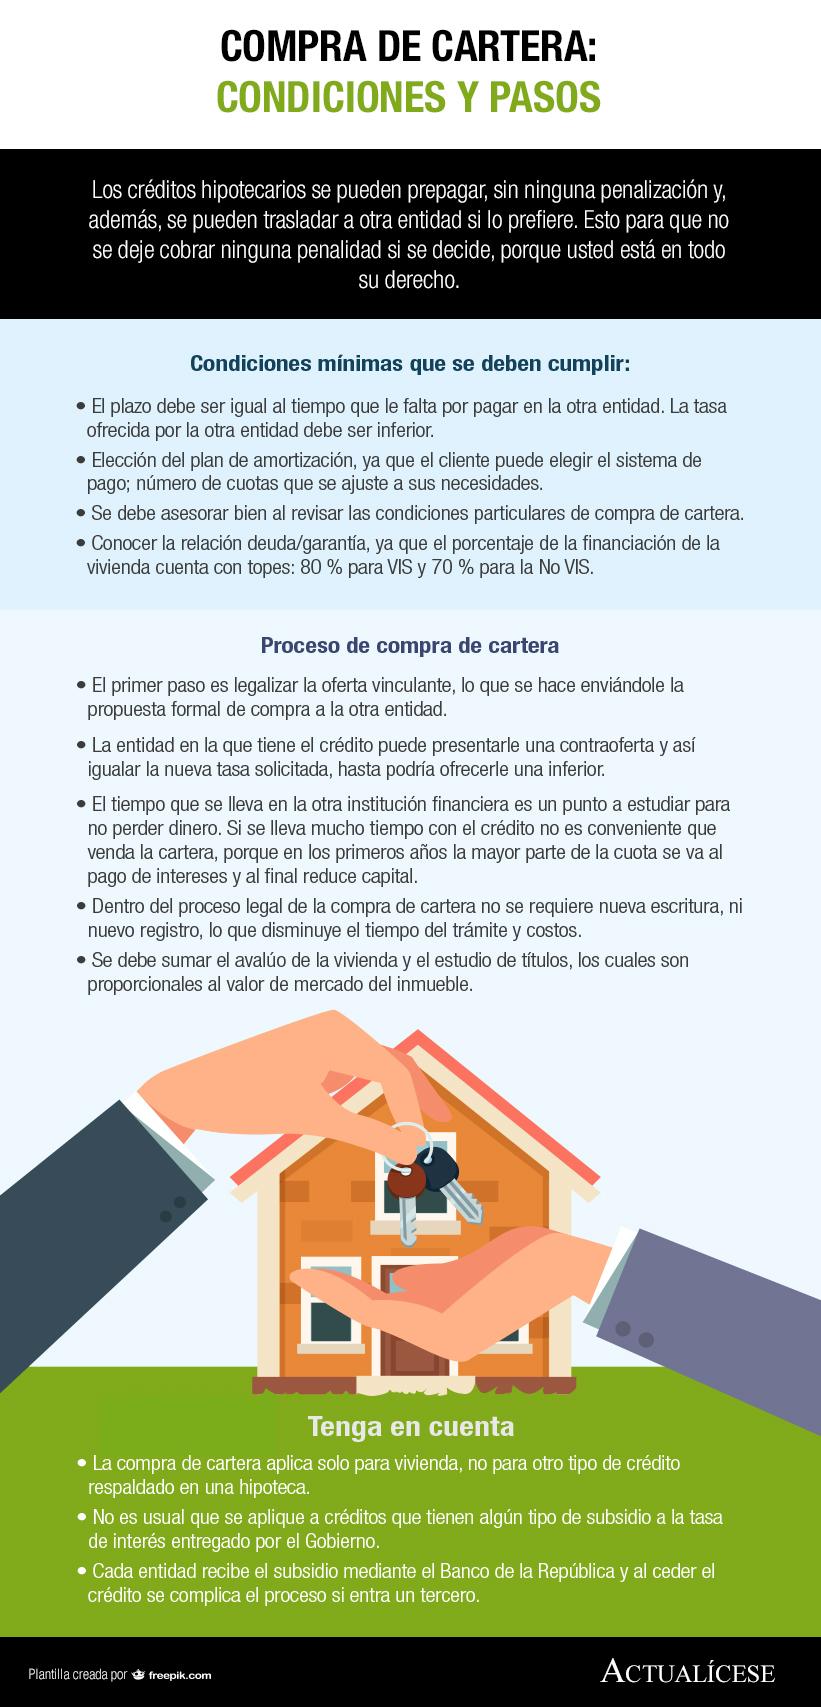 [Infografía] Compra de cartera: condiciones y pasos